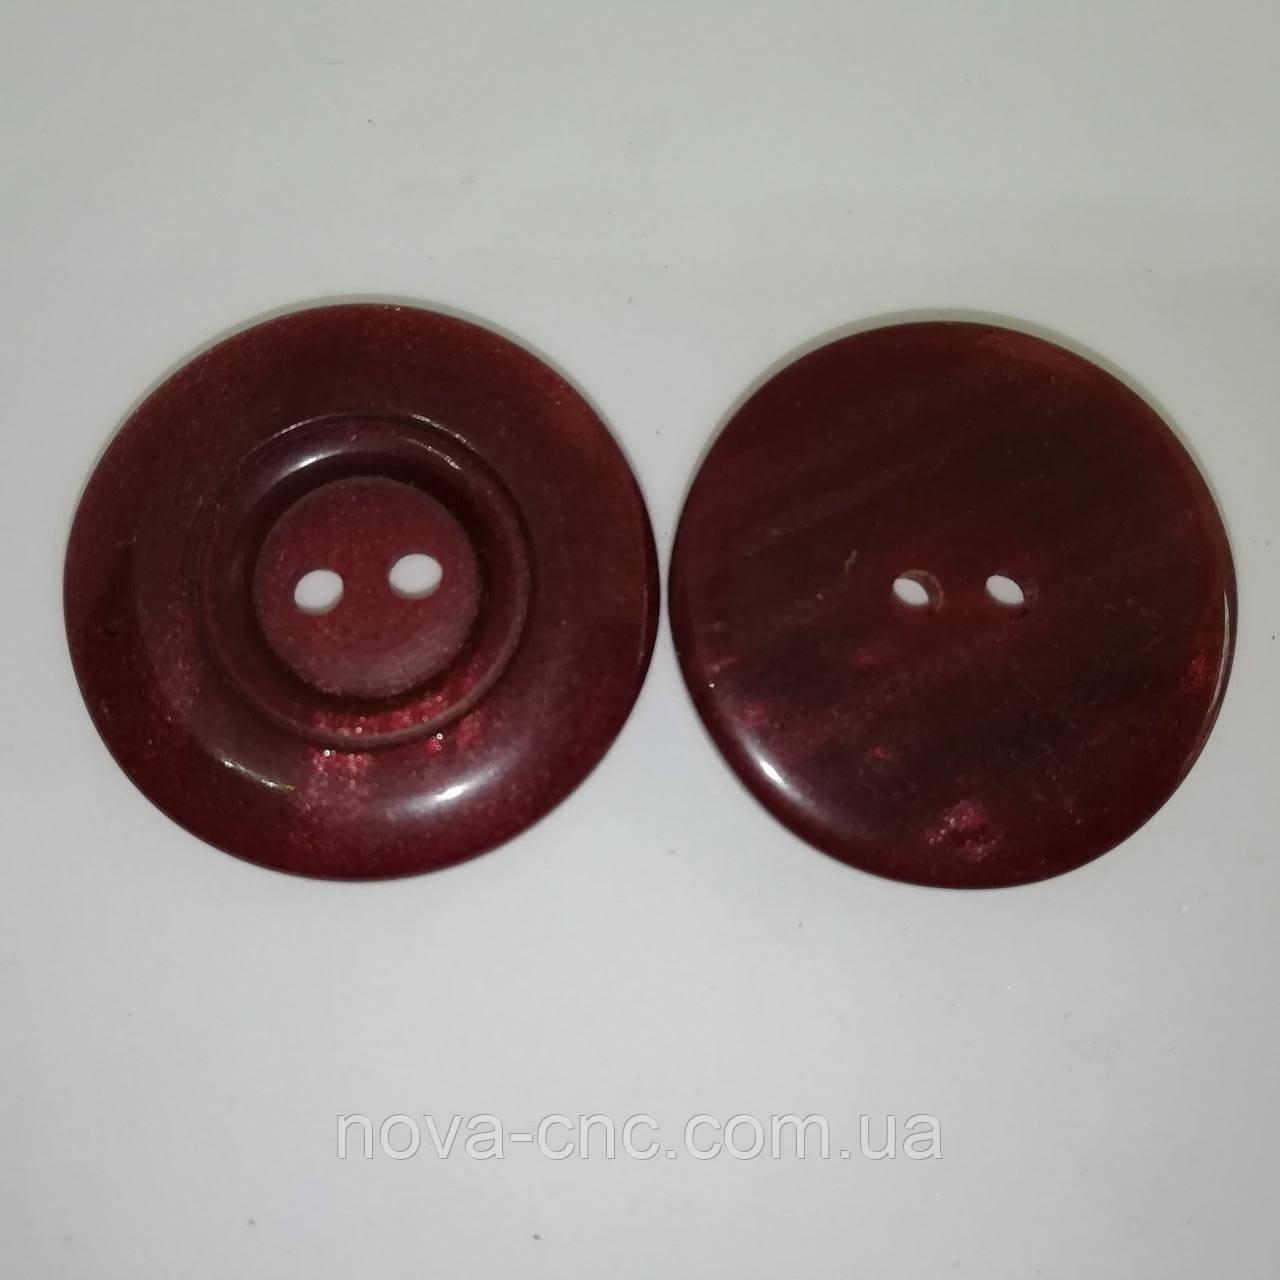 Пуговица для верхней одежды пластмассовая 27 мм Цвет  марсаловый Упаковка 300 штук